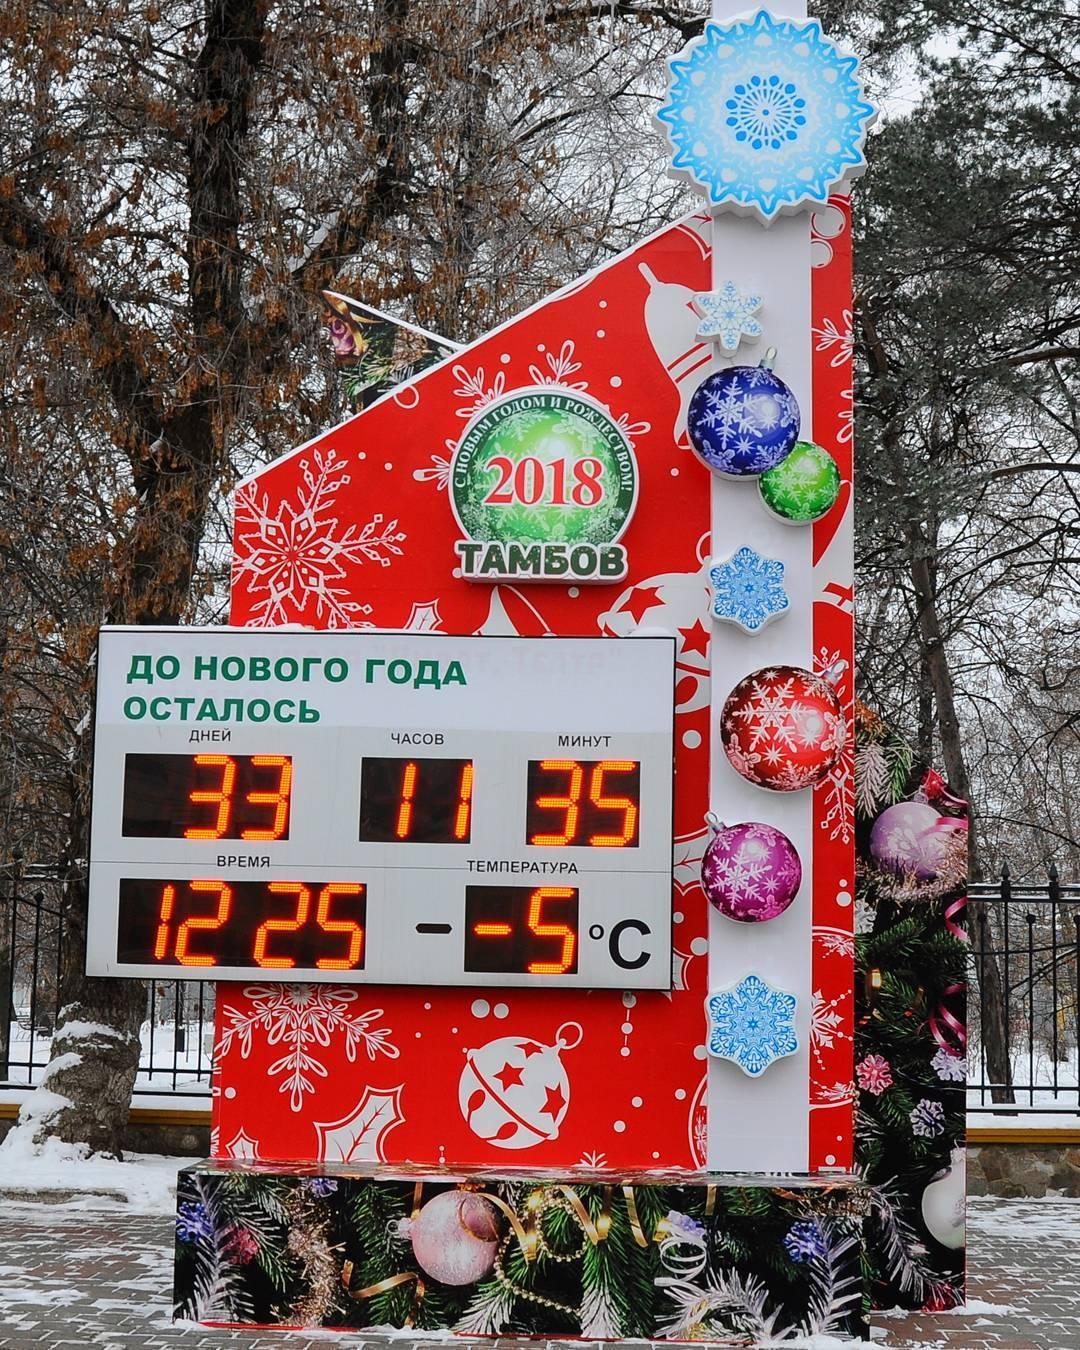 Сколько дней осталось до Нового 2018 года